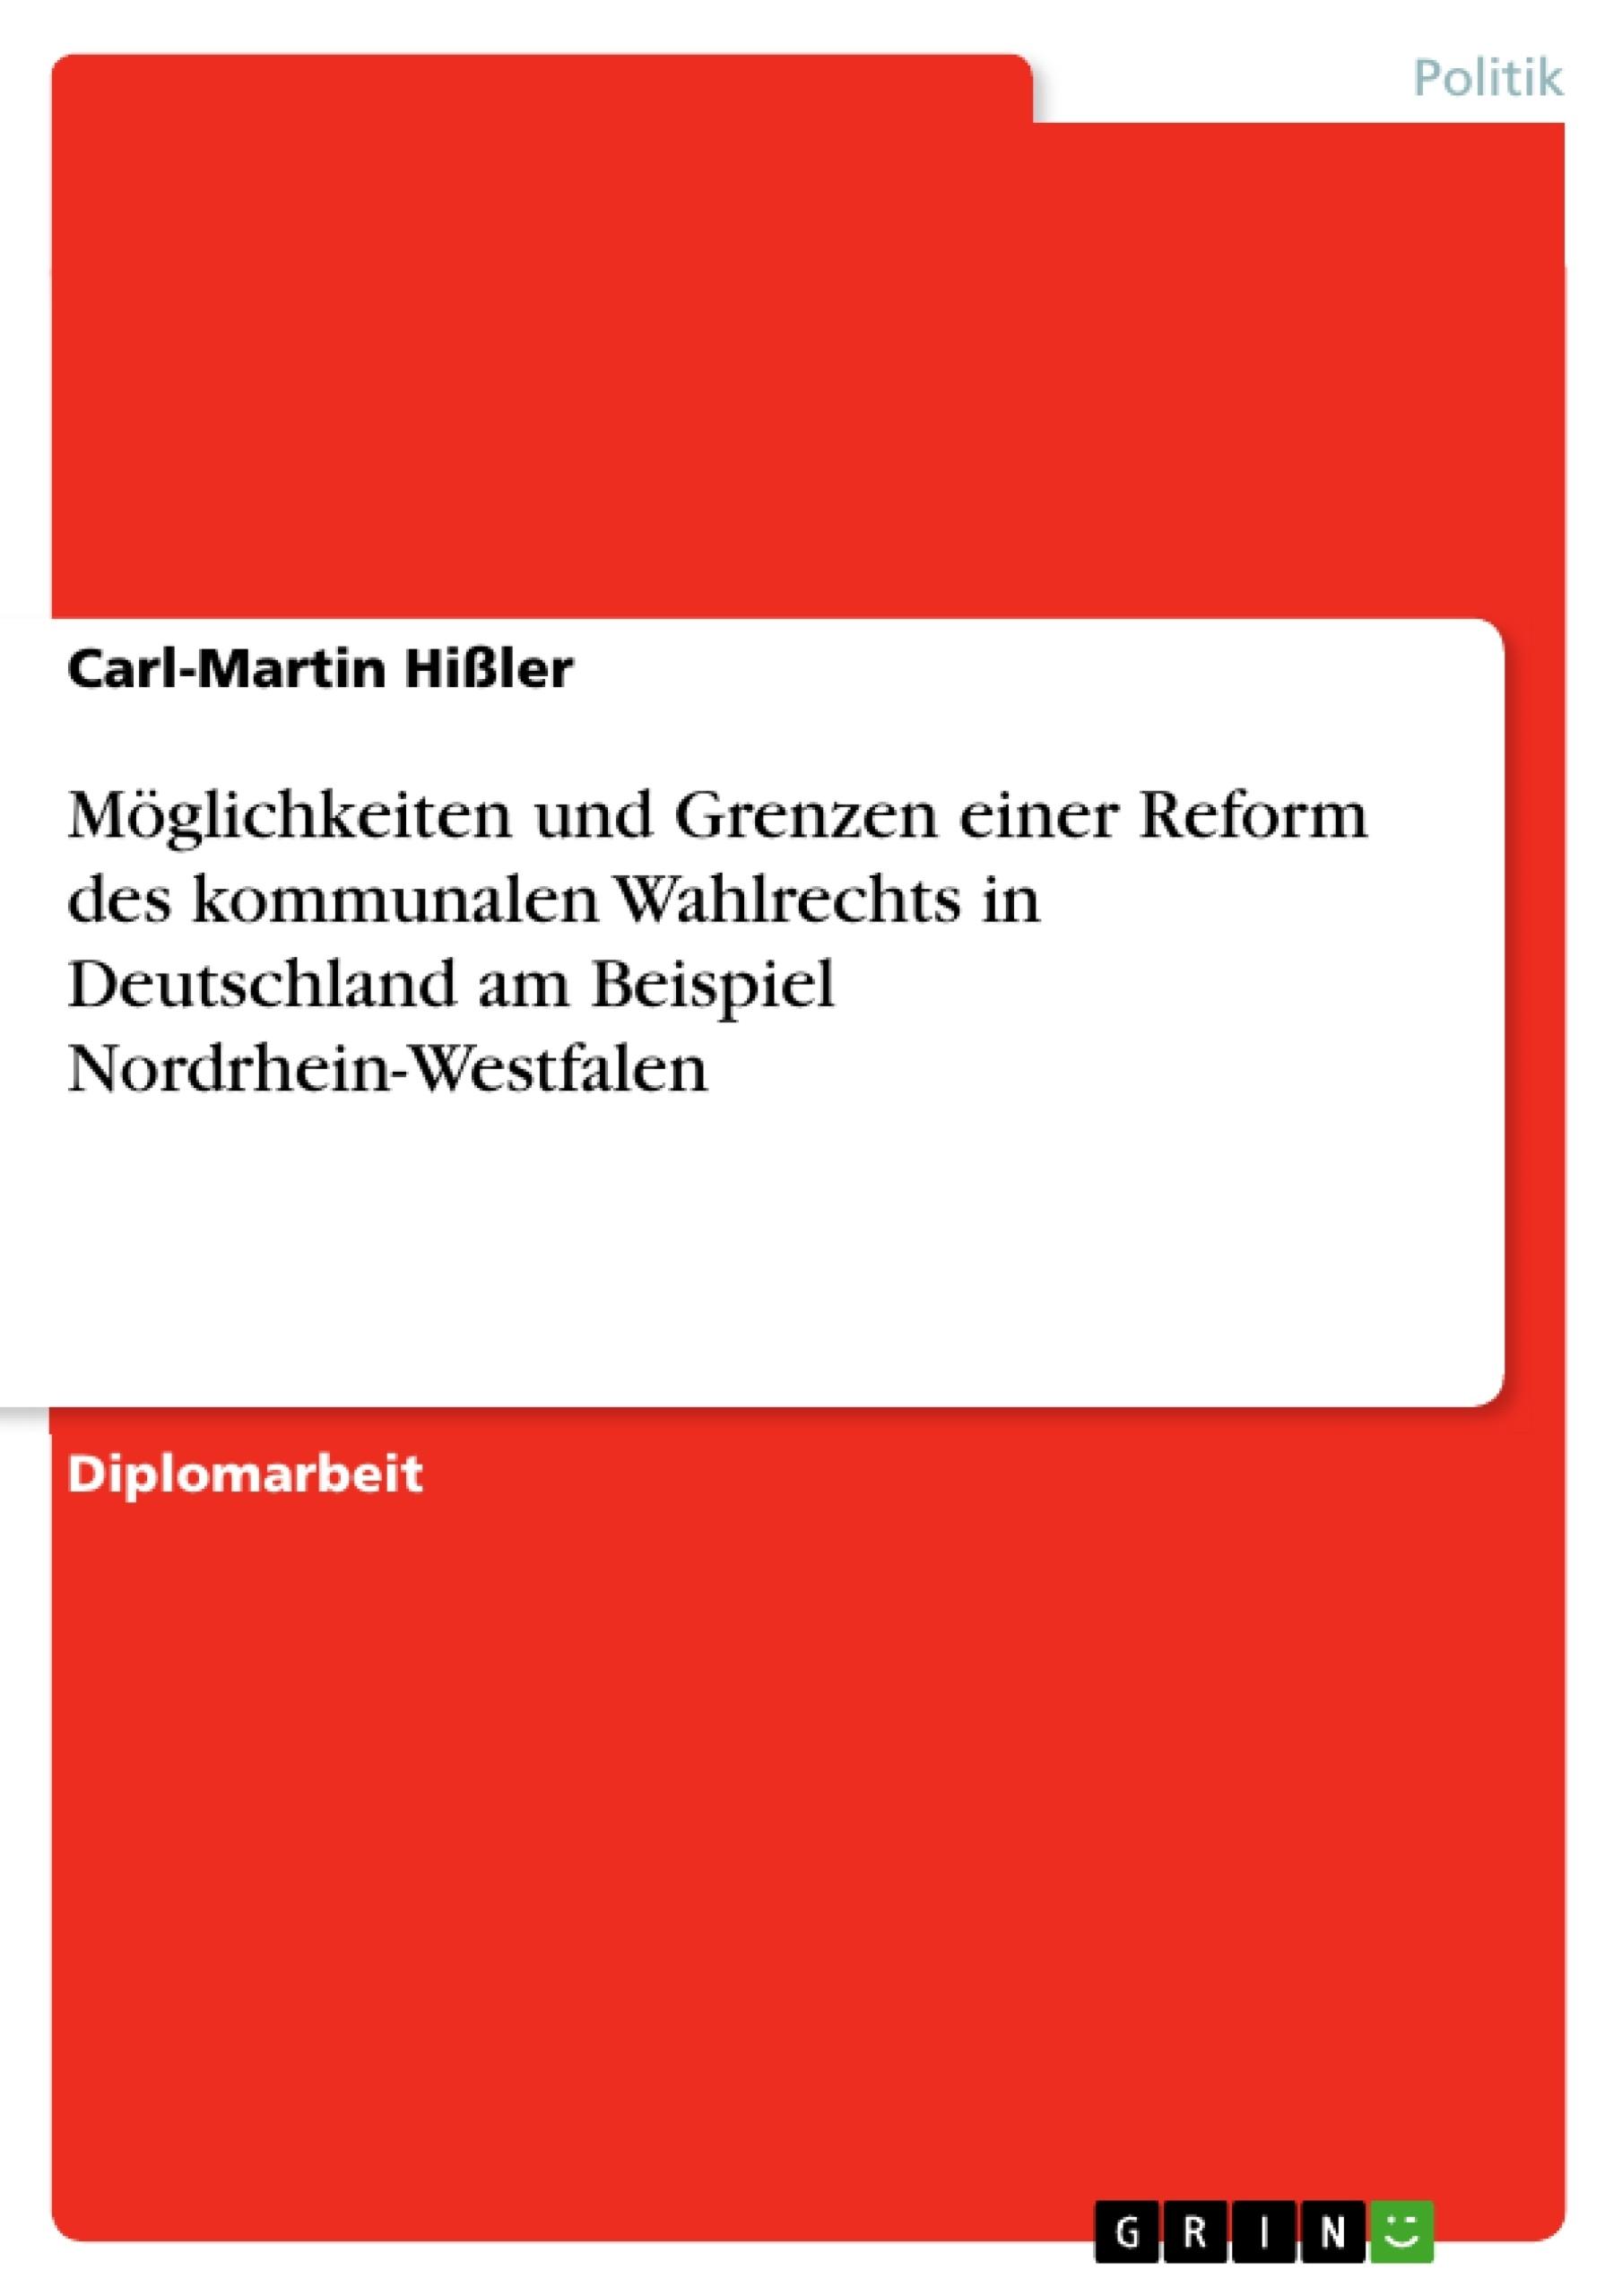 Titel: Möglichkeiten und Grenzen einer Reform des kommunalen Wahlrechts in Deutschland am Beispiel Nordrhein-Westfalen